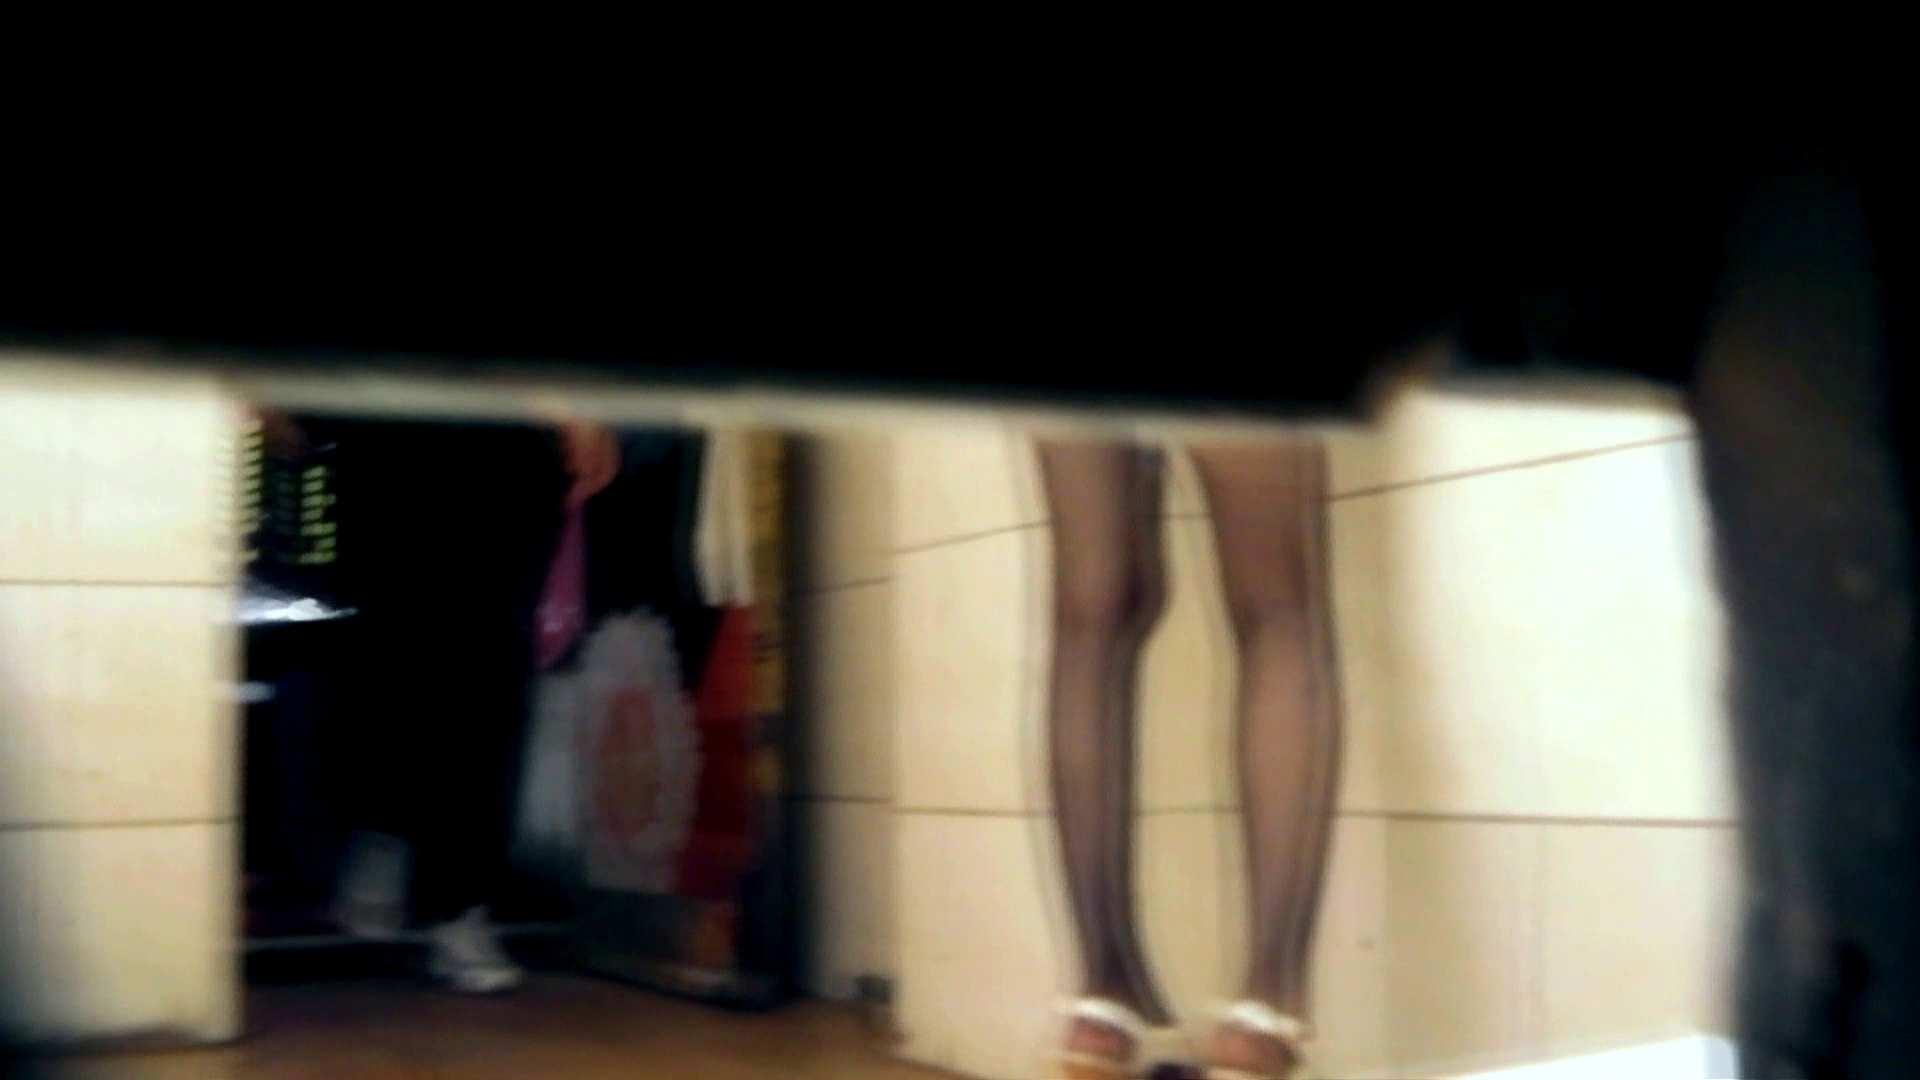 ステーション編 vol.36 無料動画に登場したトップクラスモデル本番へ 美しいモデル   エッチすぎるOL達  87連発 23